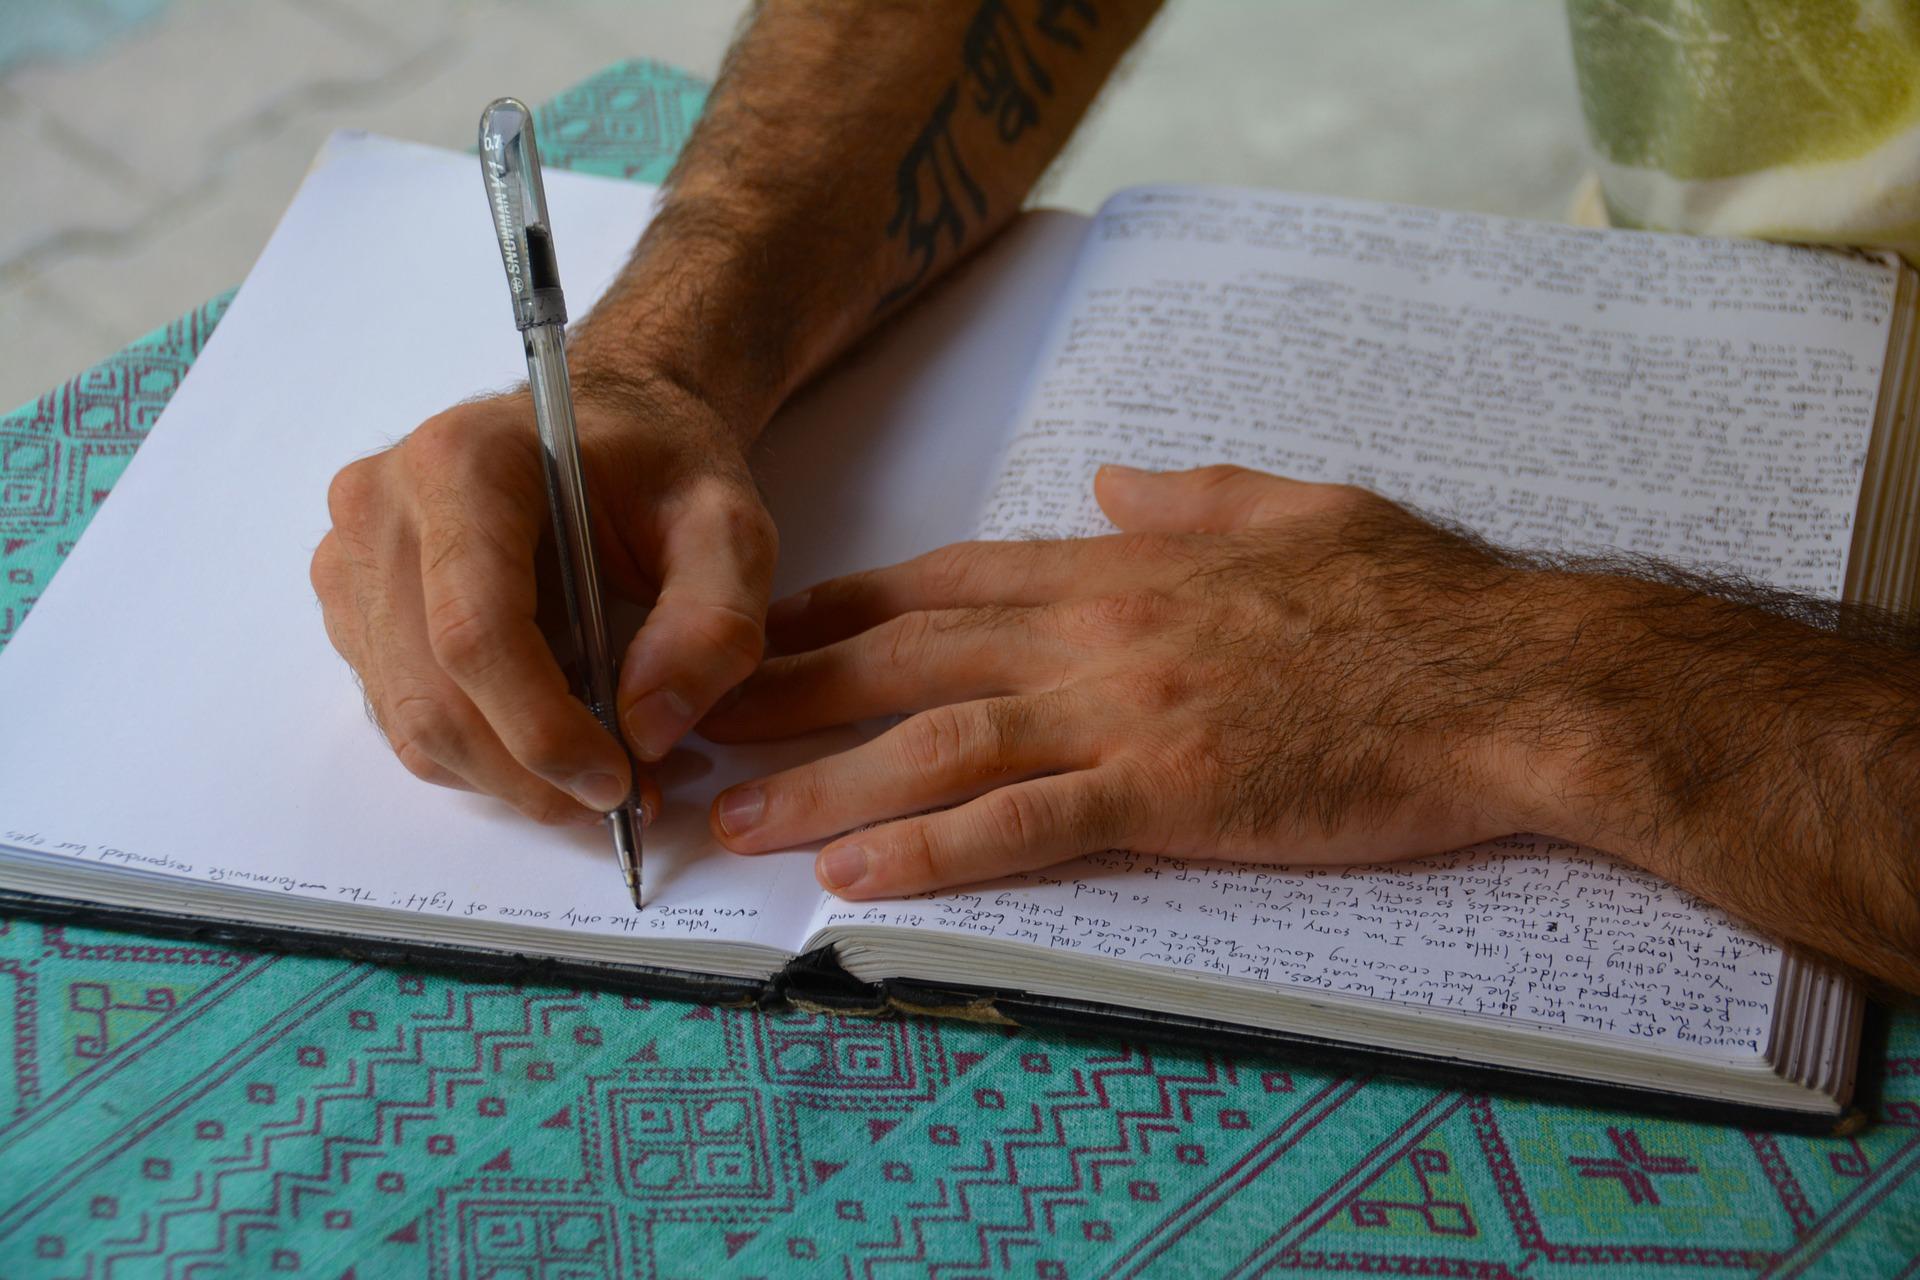 毛深い手とノート